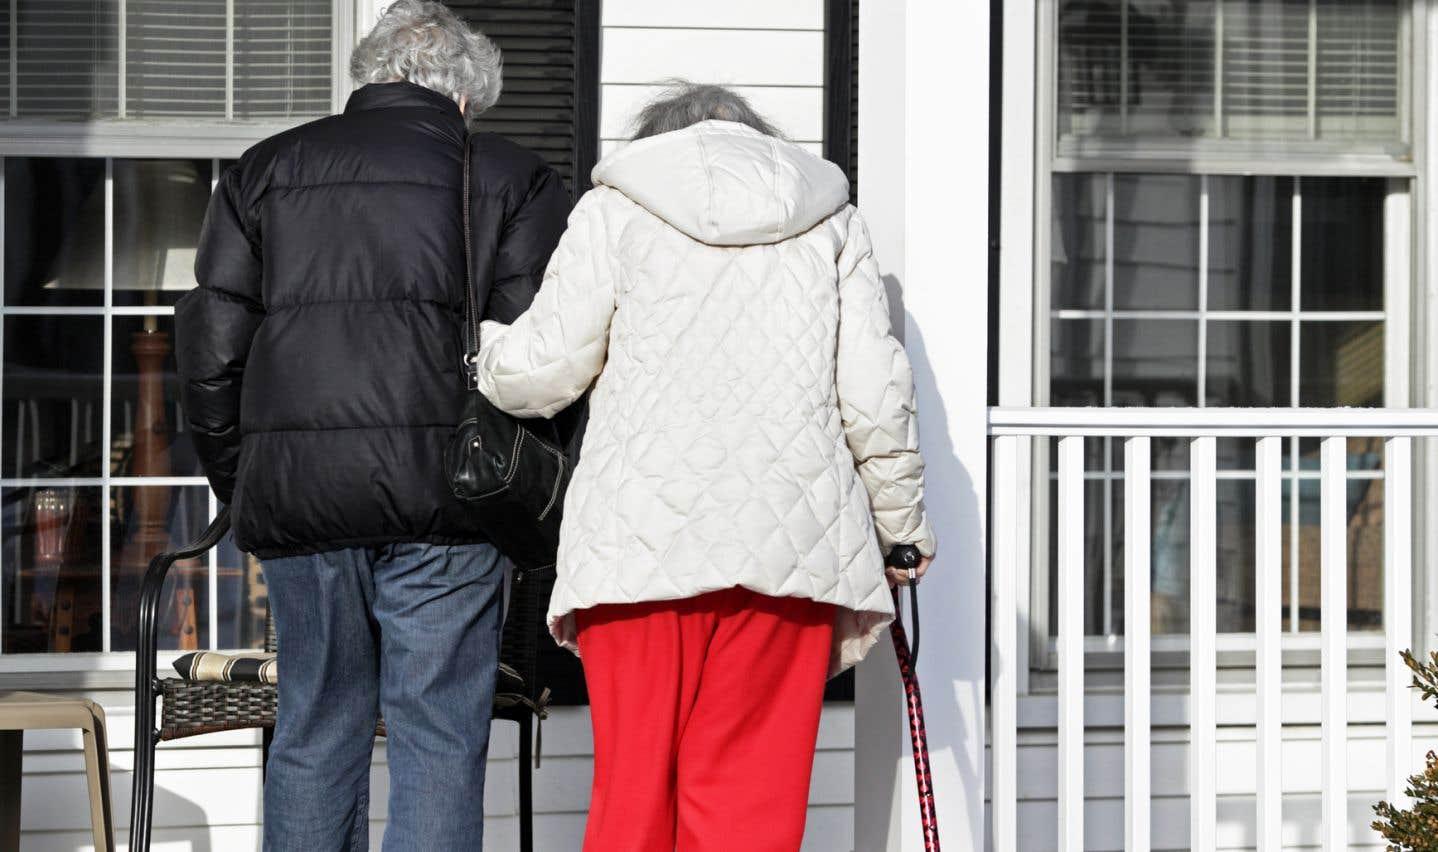 «Les personnes âgées subissent une perte de force dans les jambes, ce qui nuit à leur mobilité. De plus, cette perte de force oblige les personnes âgées à dépenser plus d'énergie pour parcourir une même distance, et ce, même pour un simple déplacement comme la marche», explique le professeur au Département d'études sportives à l'Université Bishop et chercheur à l'Institut universitaire de gériatrie de Montréal, Nicolas Berryman.